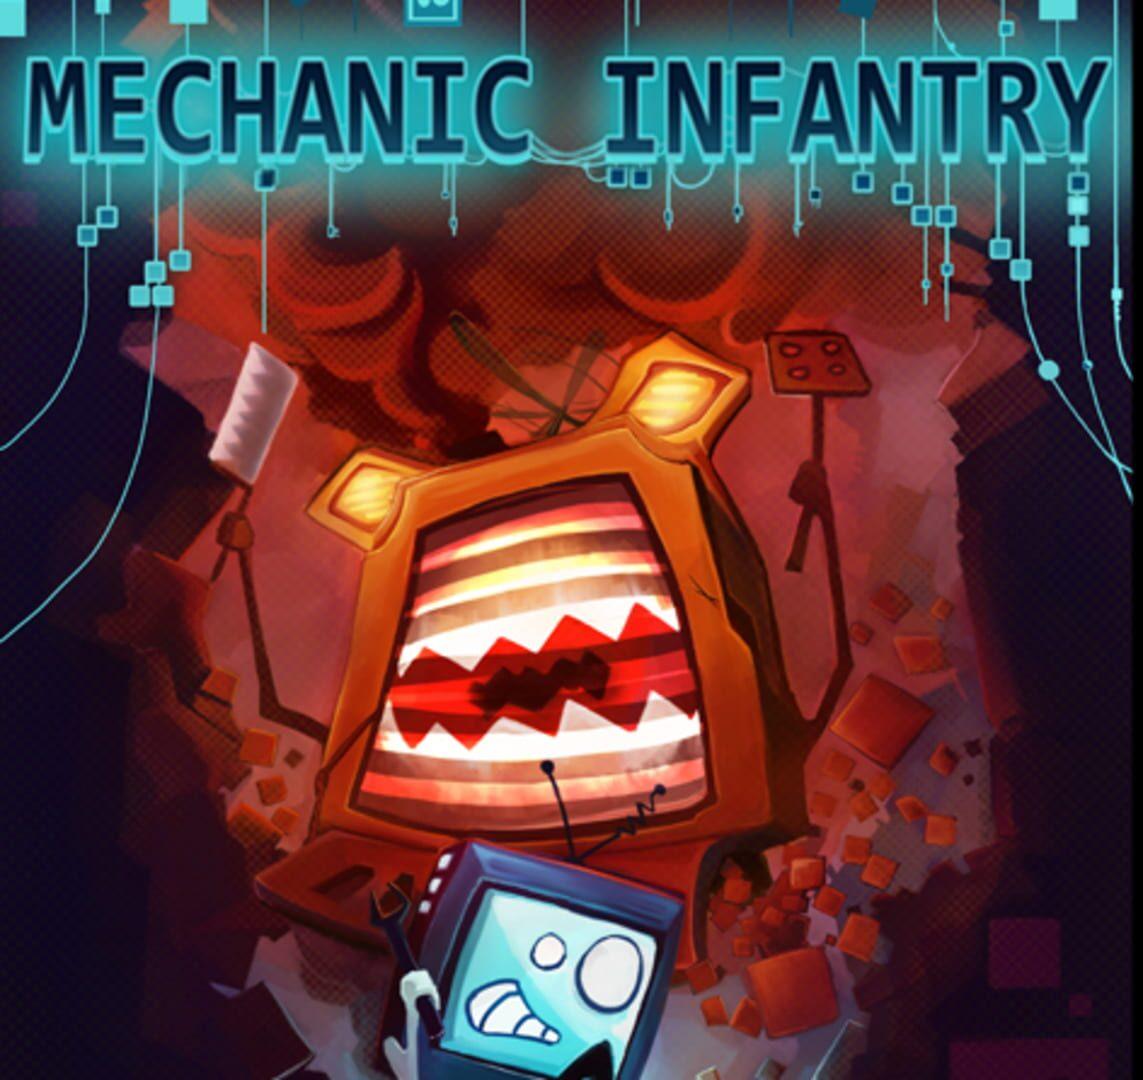 buy Mechanic Infantry cd key for all platform